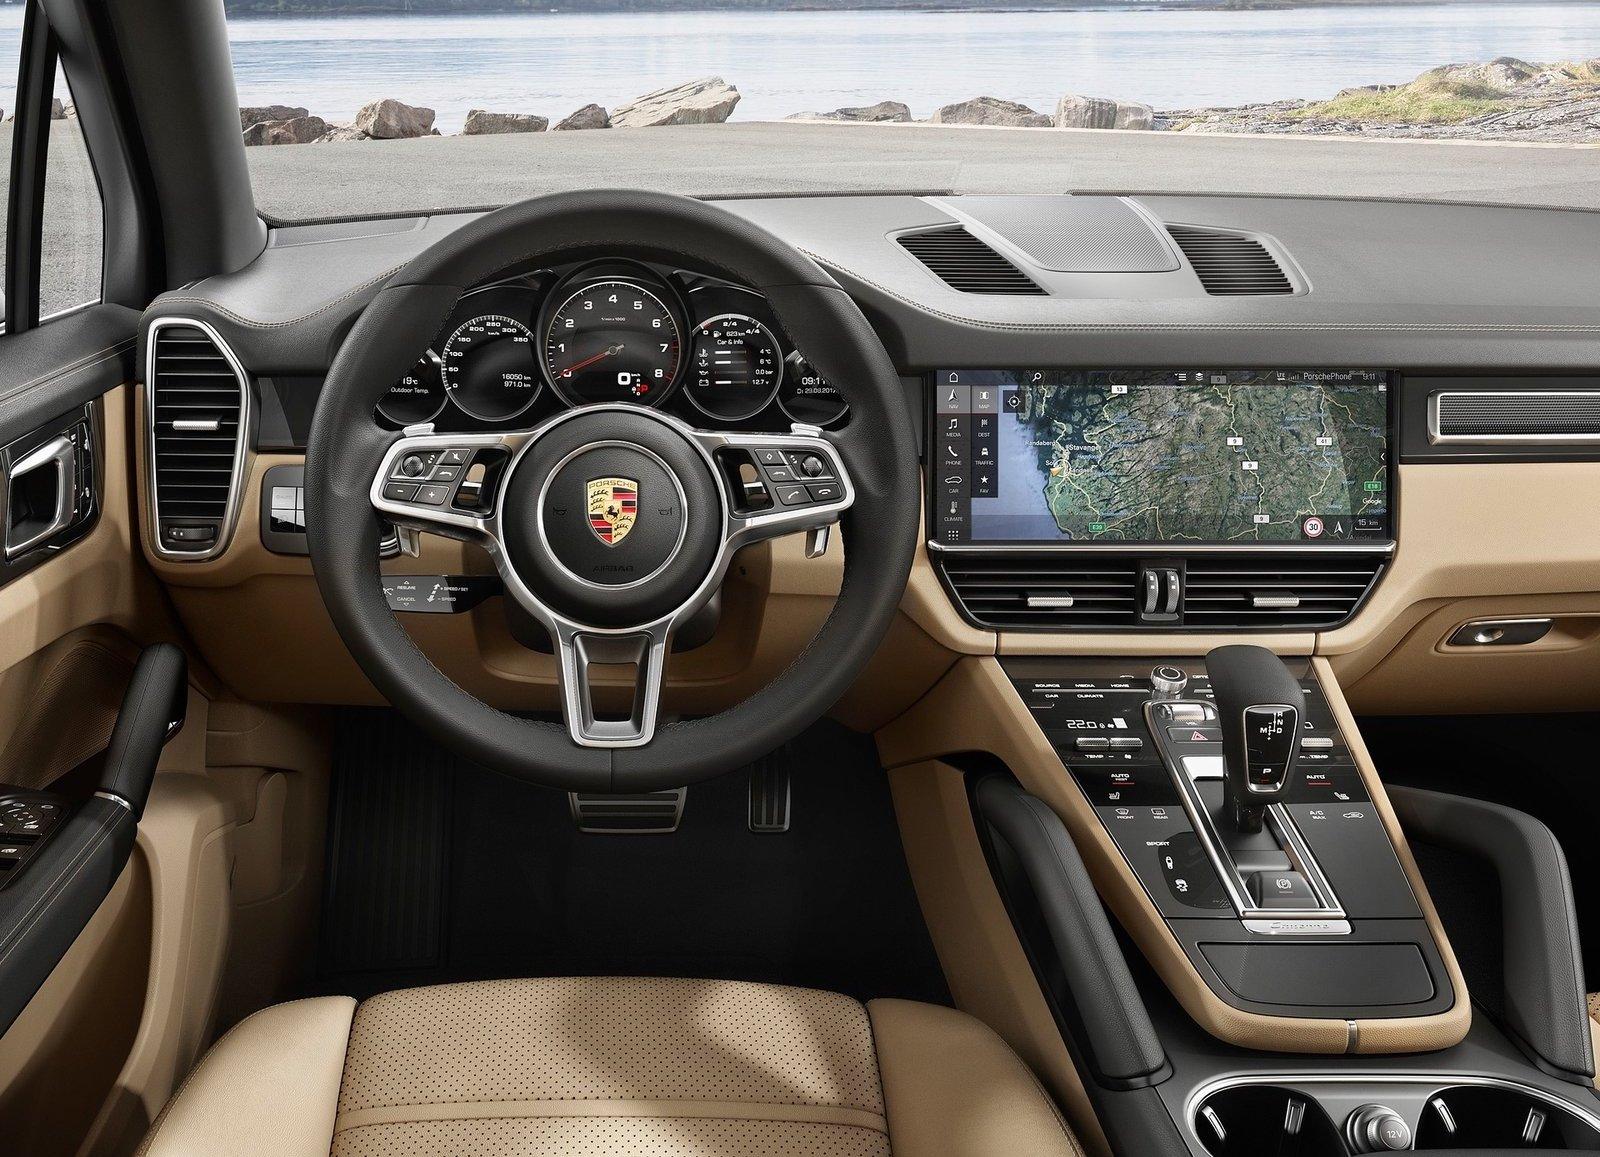 Porsche-Cayenne-2018-1600-b0.jpg